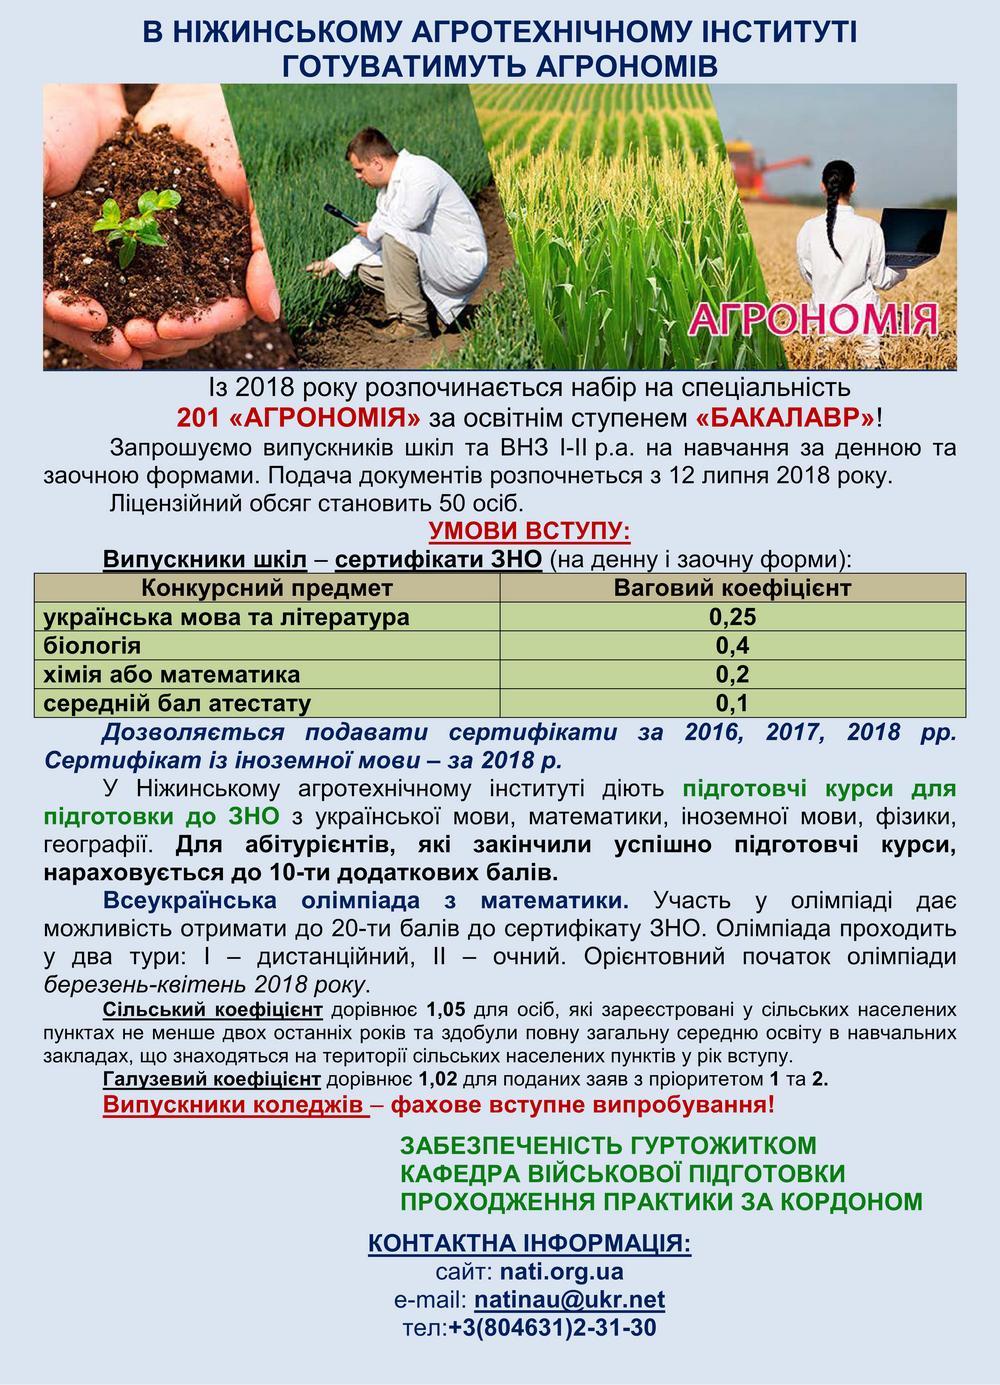 Агрономія, агроном, ніжинський агноінститут